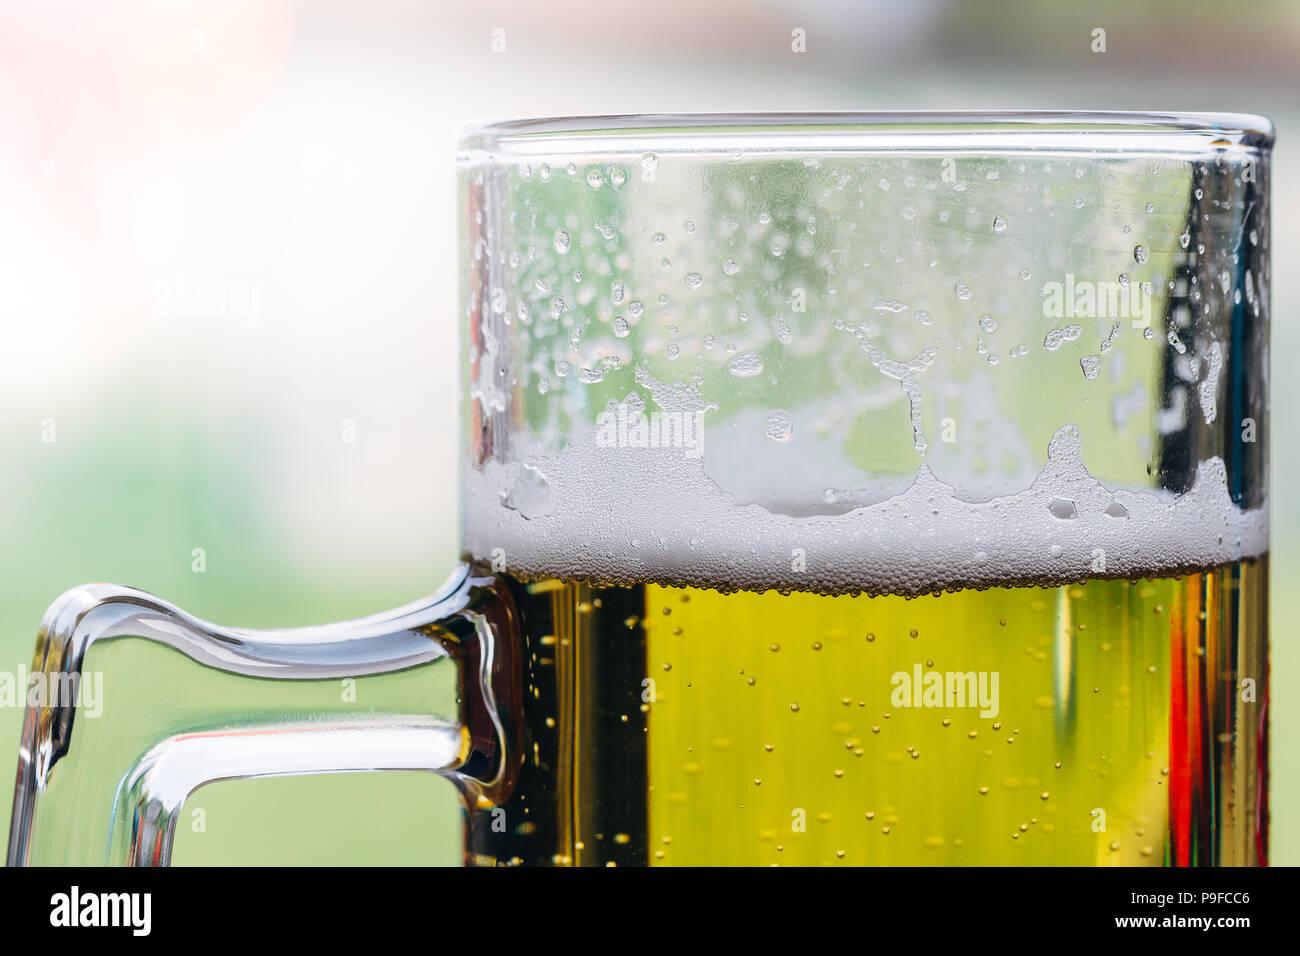 Primer plano de un vaso de cerveza con espuma en la parte superior. Foto de stock